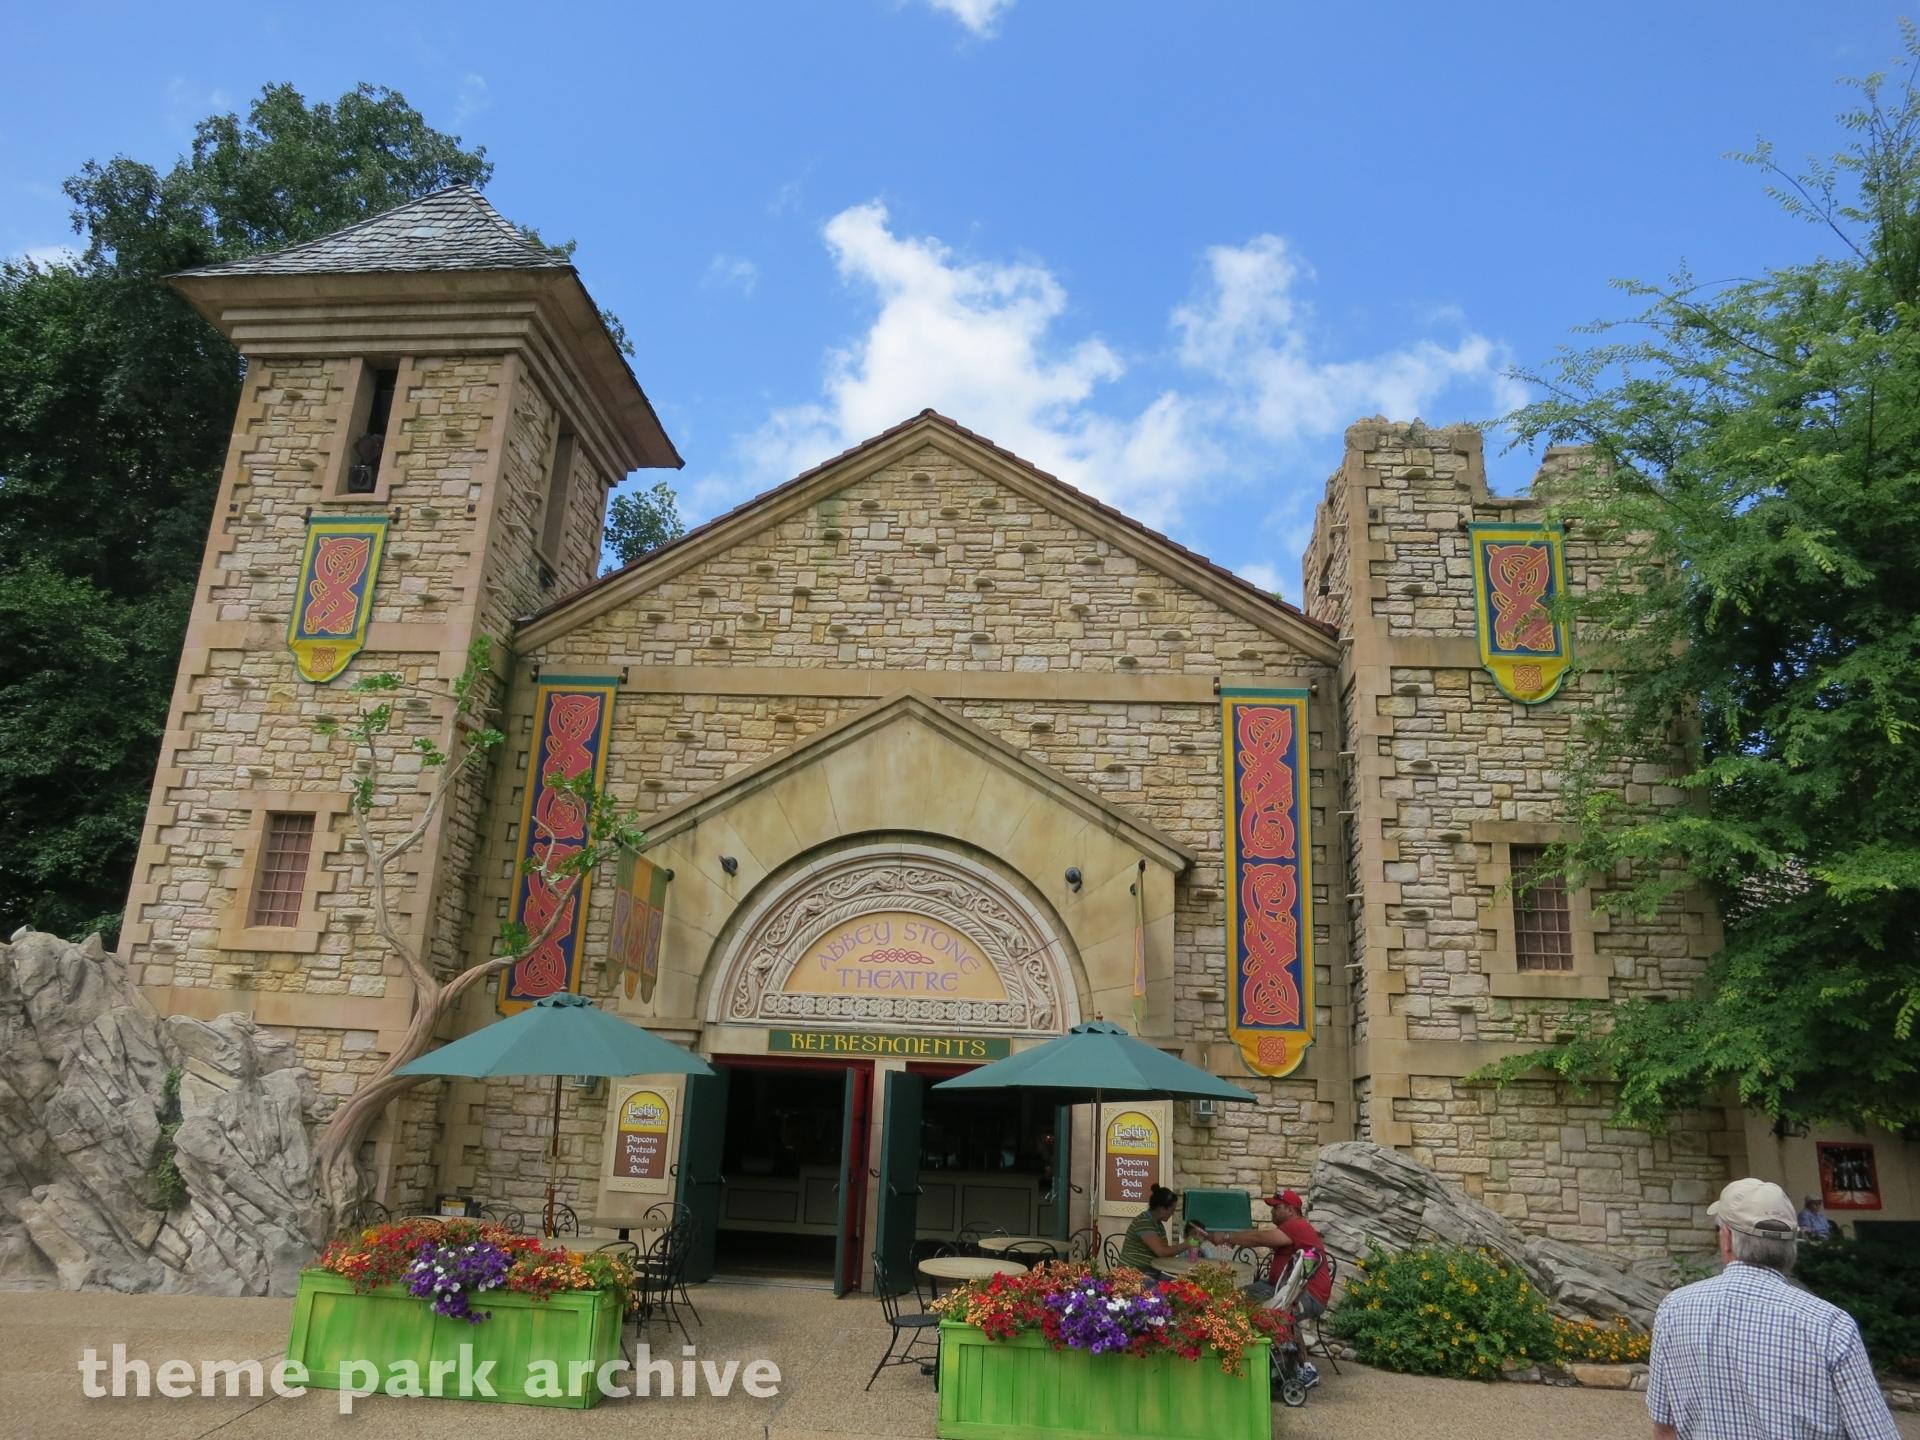 Abbey Stone Theatre at Busch Gardens Williamsburg